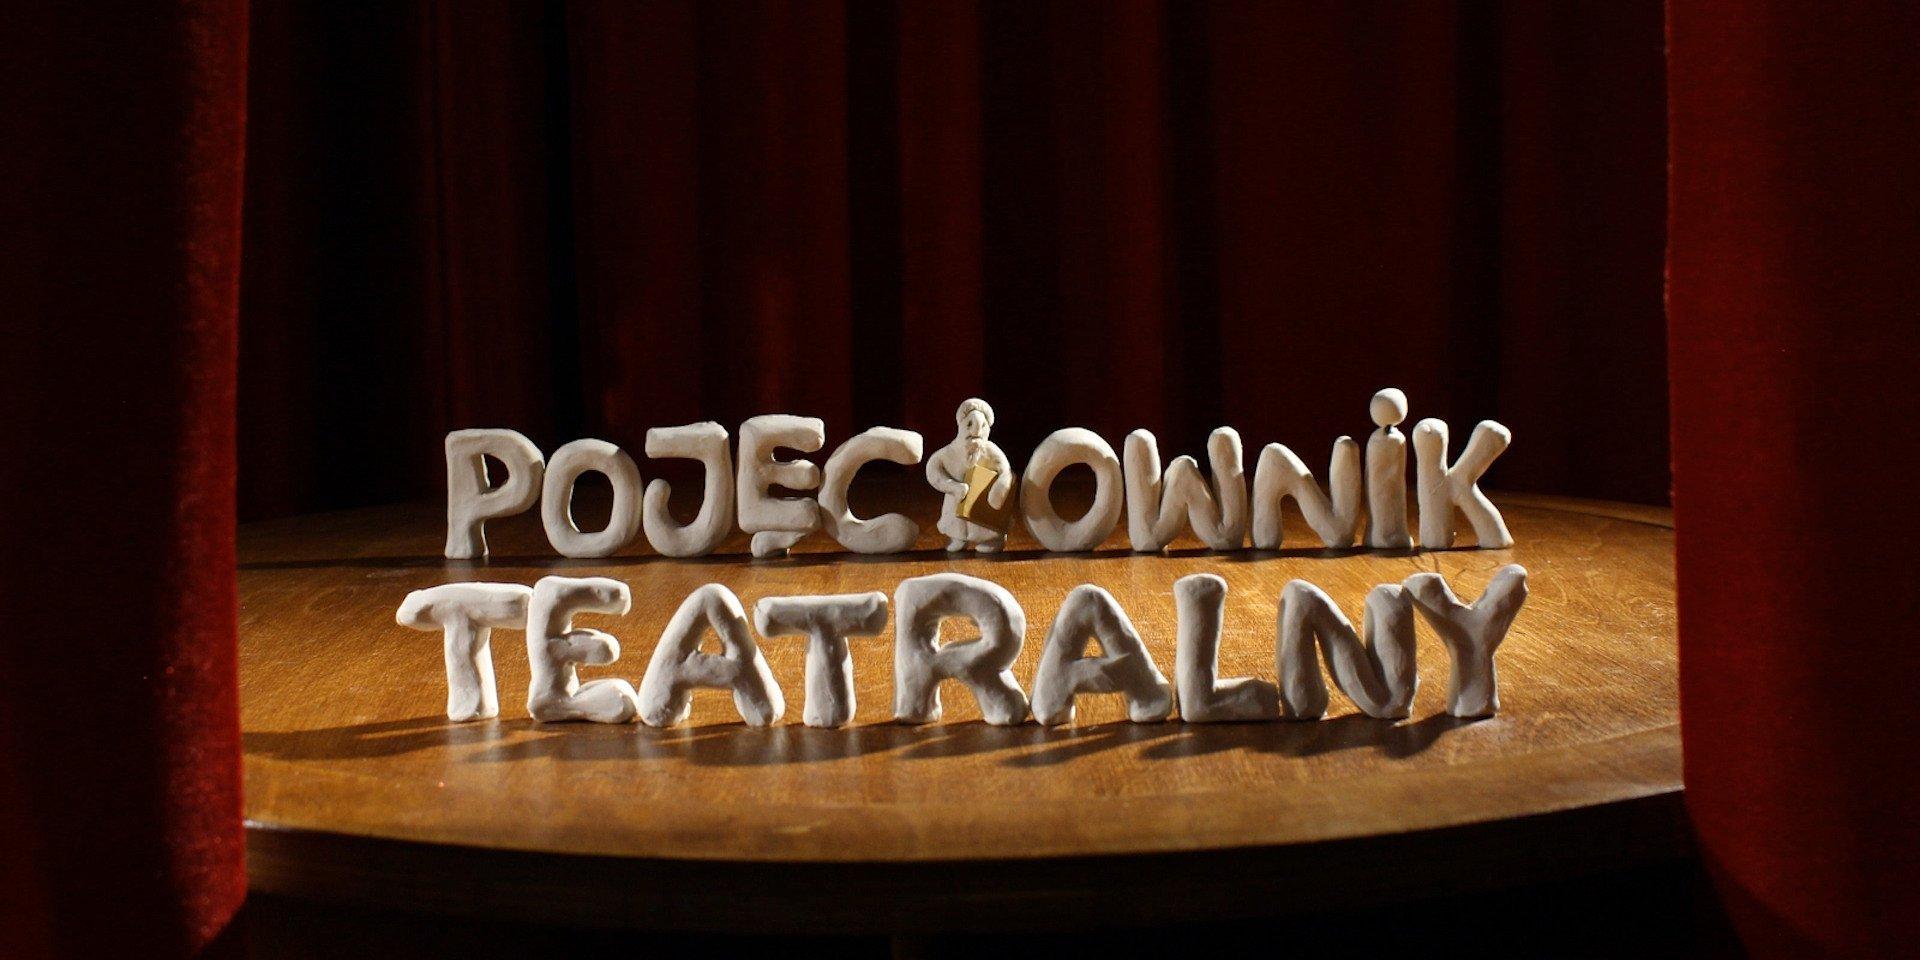 Pojęciownik teatralny – Podglądamy – Rozmawiamy – Wyjaśniamy!